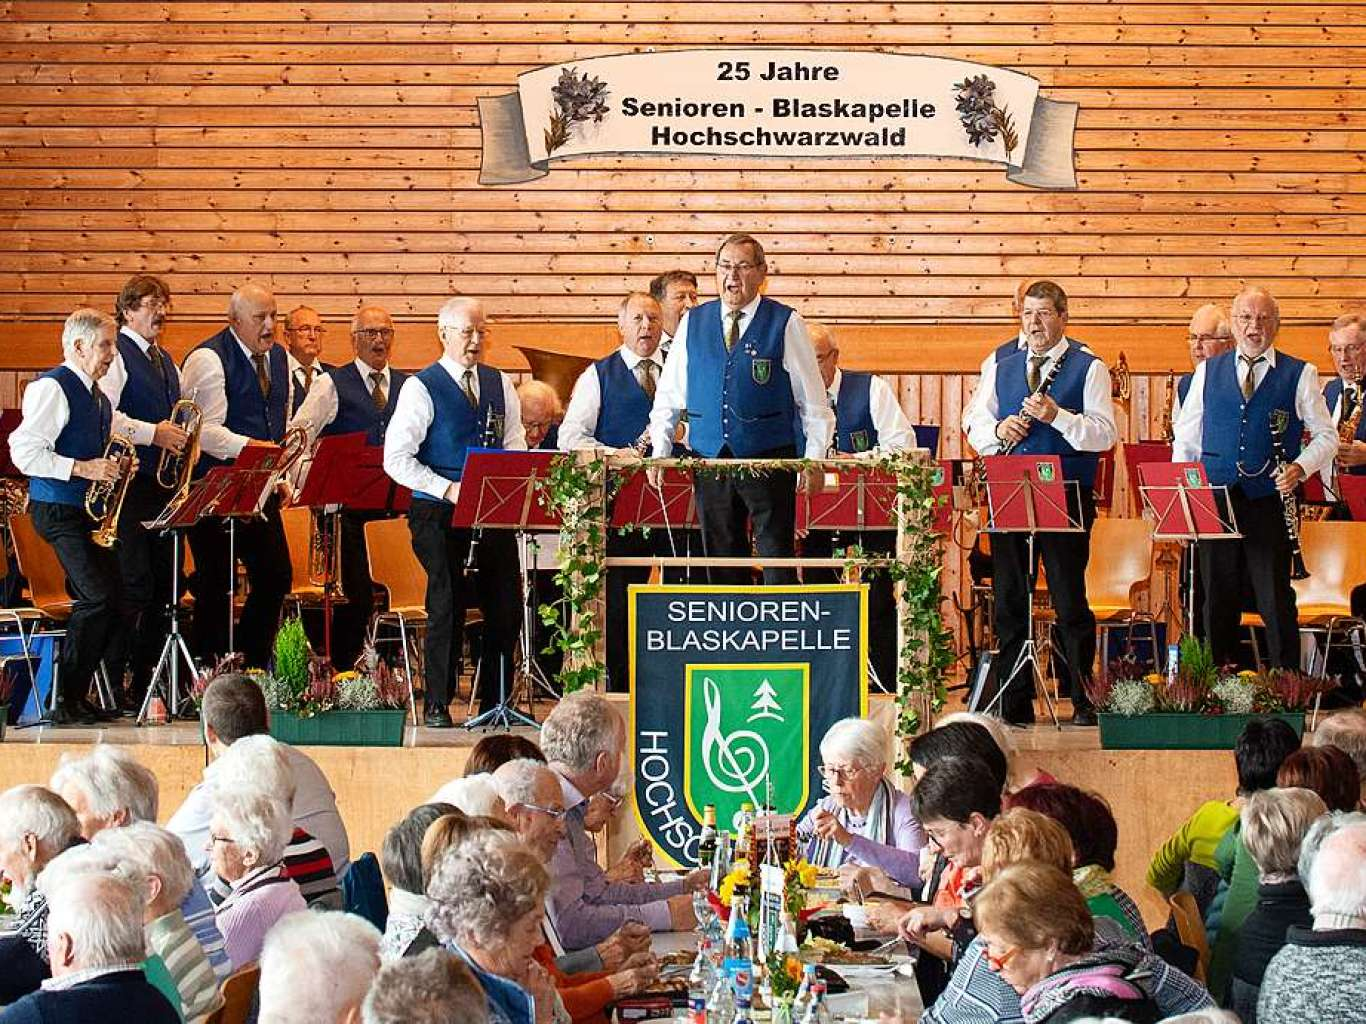 25 Jahre Seniorenblaskapelle Hochschwarzwald - Lenzkirch - Fotogalerien - Badische Zeitung